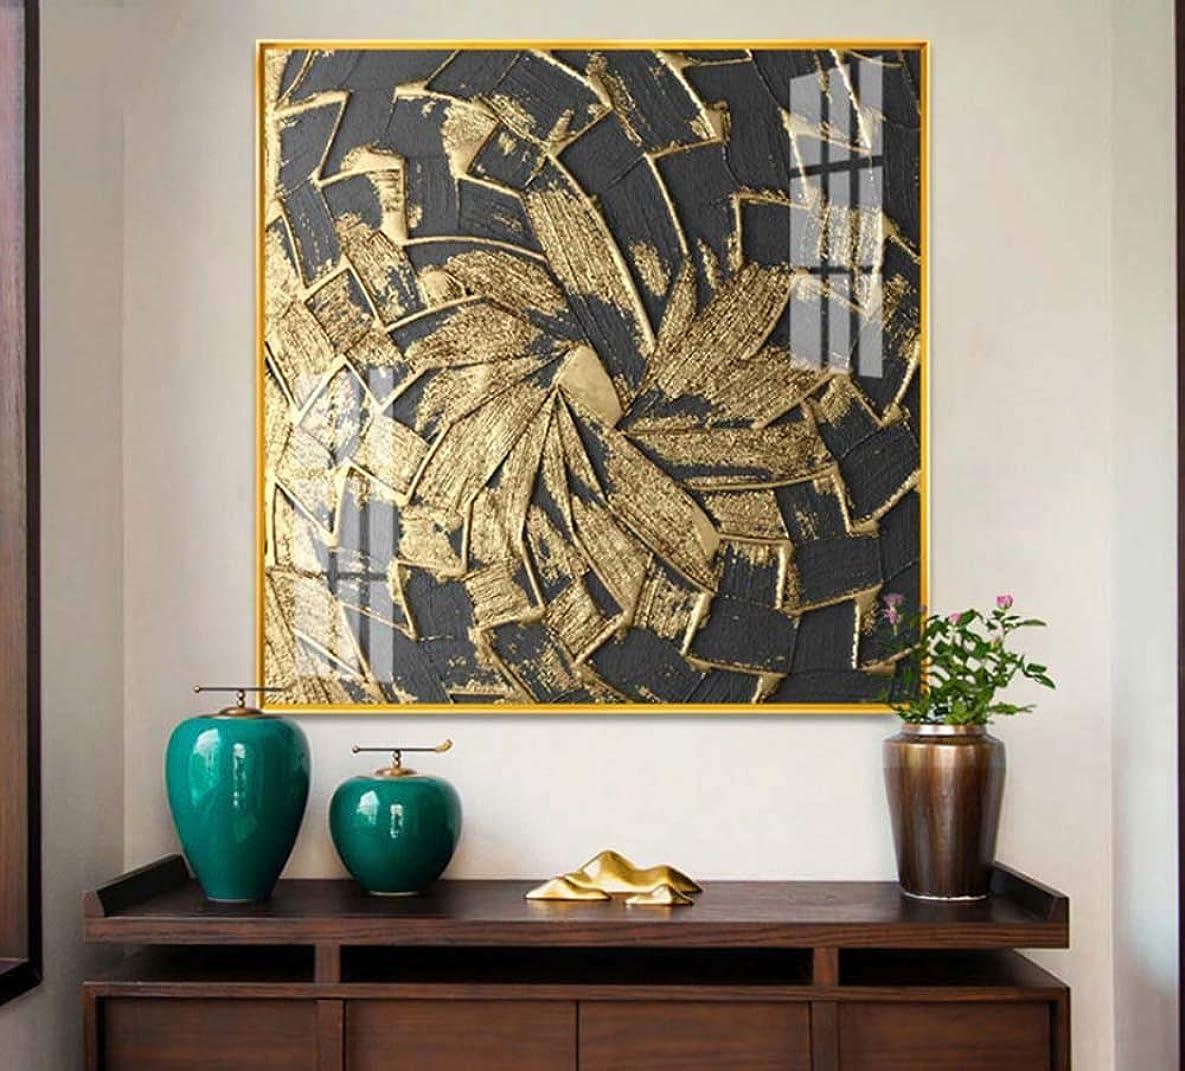 わかるデータムジョージエリオット壁の装飾 40 * 40cm、50 * 50cm、60 * 60cm黄金時代の軽い贅沢なアルミ合金フレームの水晶磁器の絵画居間の装飾の絵画現代モデル家の壁画の正方形の入口のホテルのオフィスの芸術の絵画 (Size : 50*50cm)